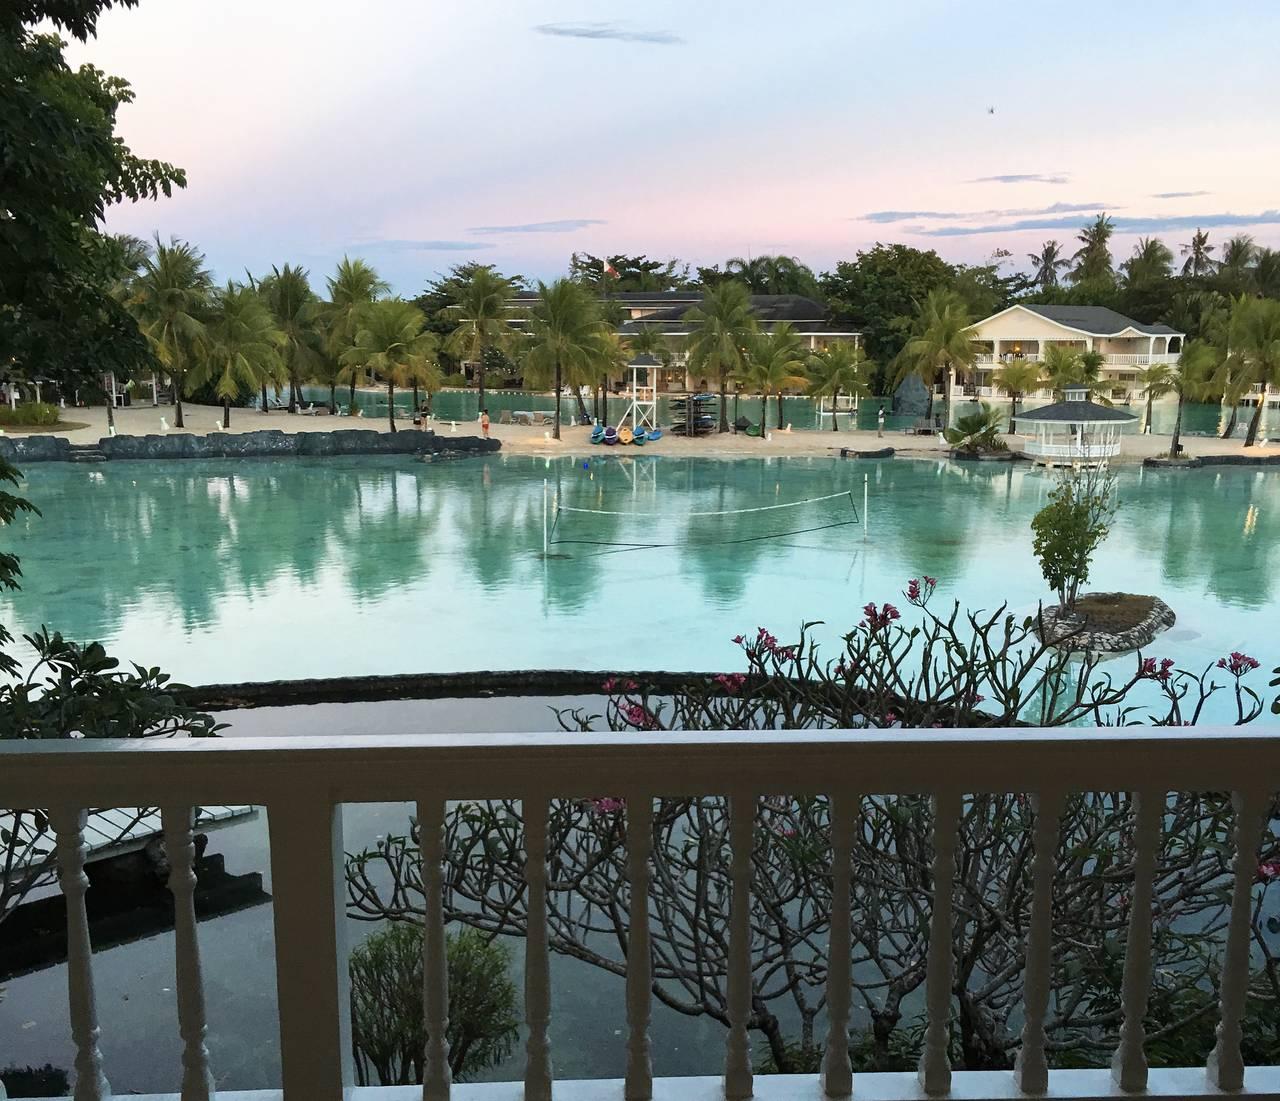 セブ島旅行!ファミリー向けの五つ星ホテルPlantation Bay Resort & Spa(プランテーション ベイ リゾート アンド スパ)